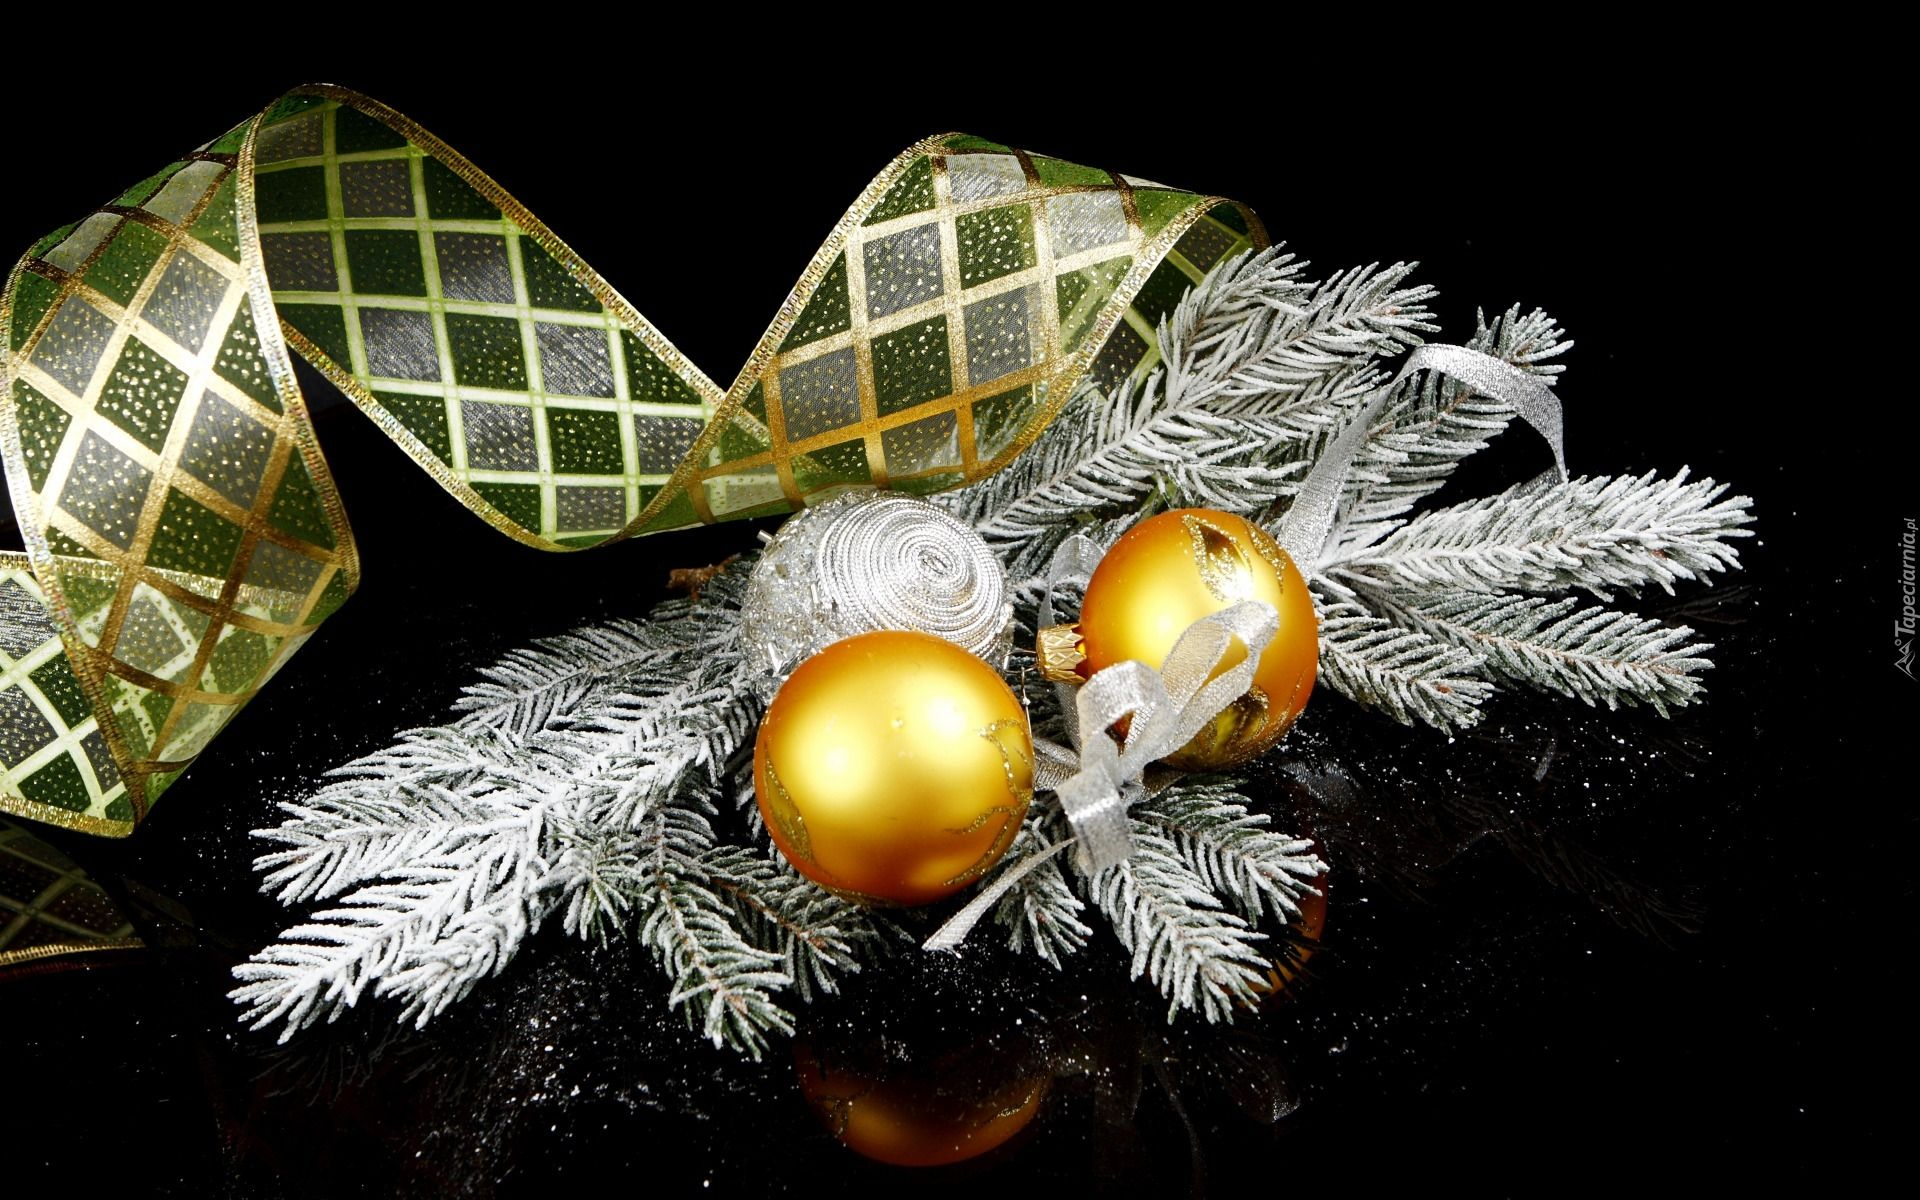 Boże Narodzenie Dekoracje Złote Bombki Gałązki Wstążka